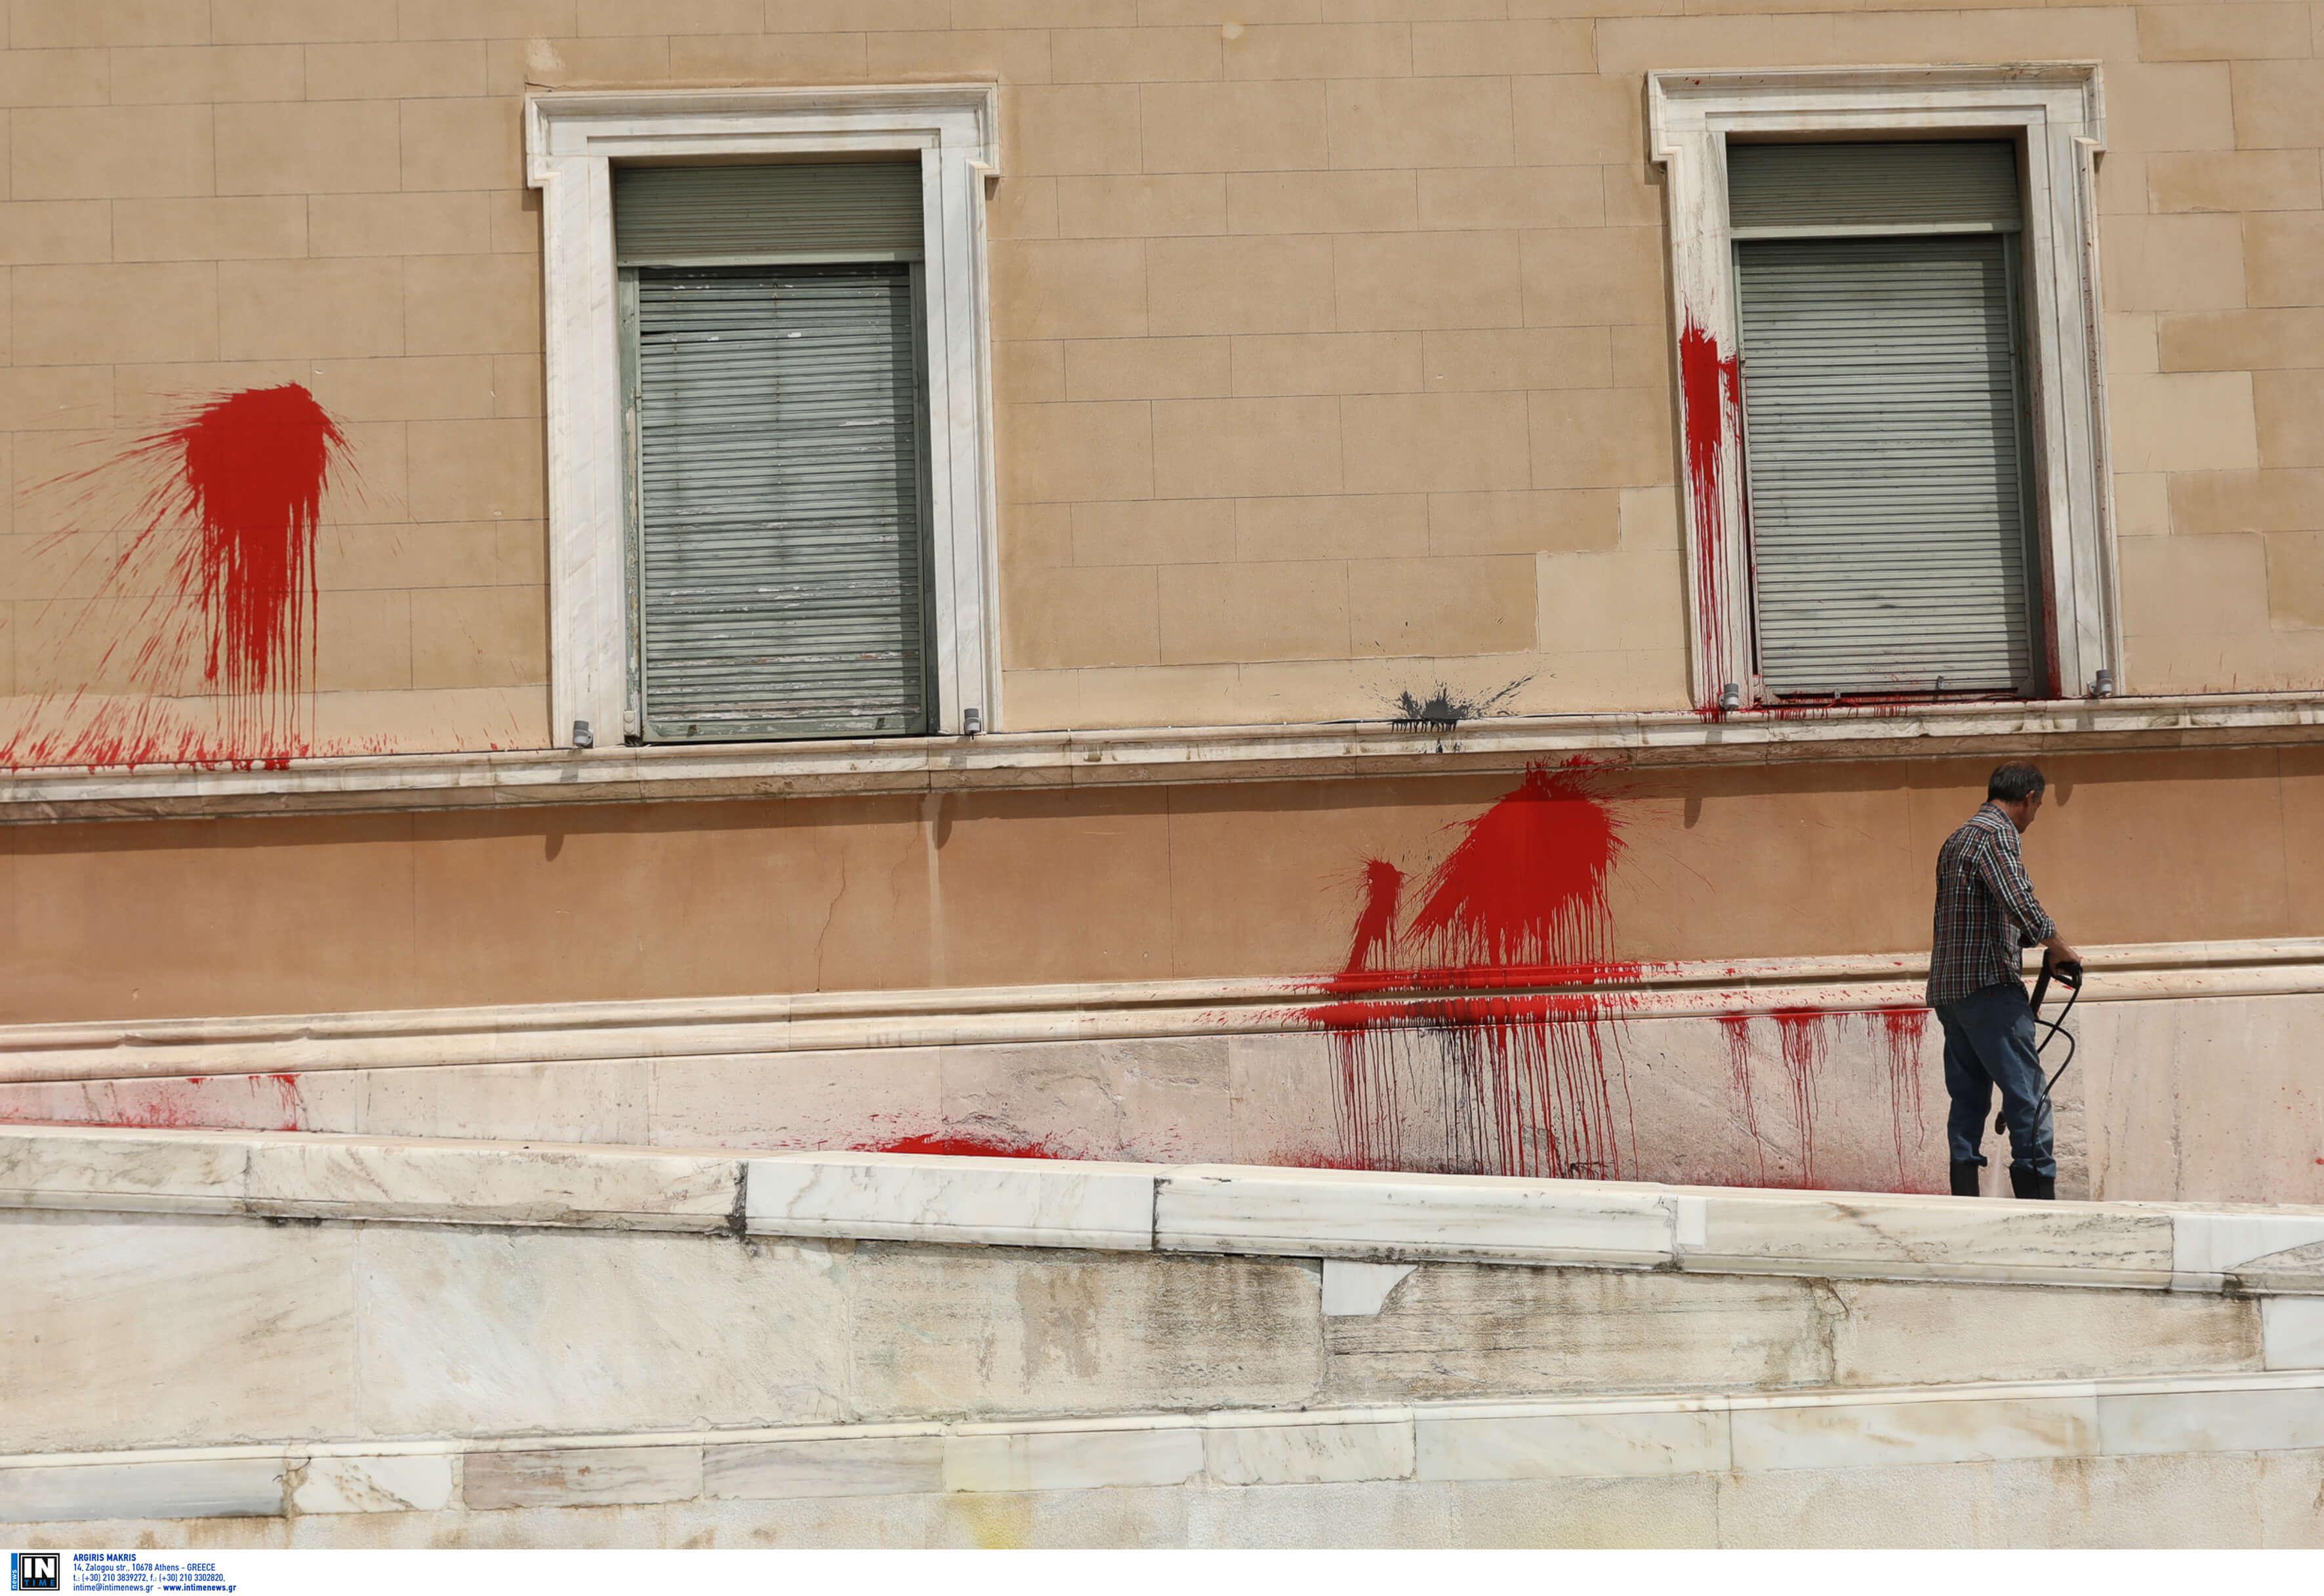 Βουλή – Επίθεση Ρουβίκωνα: Έχει χαθεί ο έλεγχος στη δημόσια τάξη λέει η Ένωση Κεντρώων